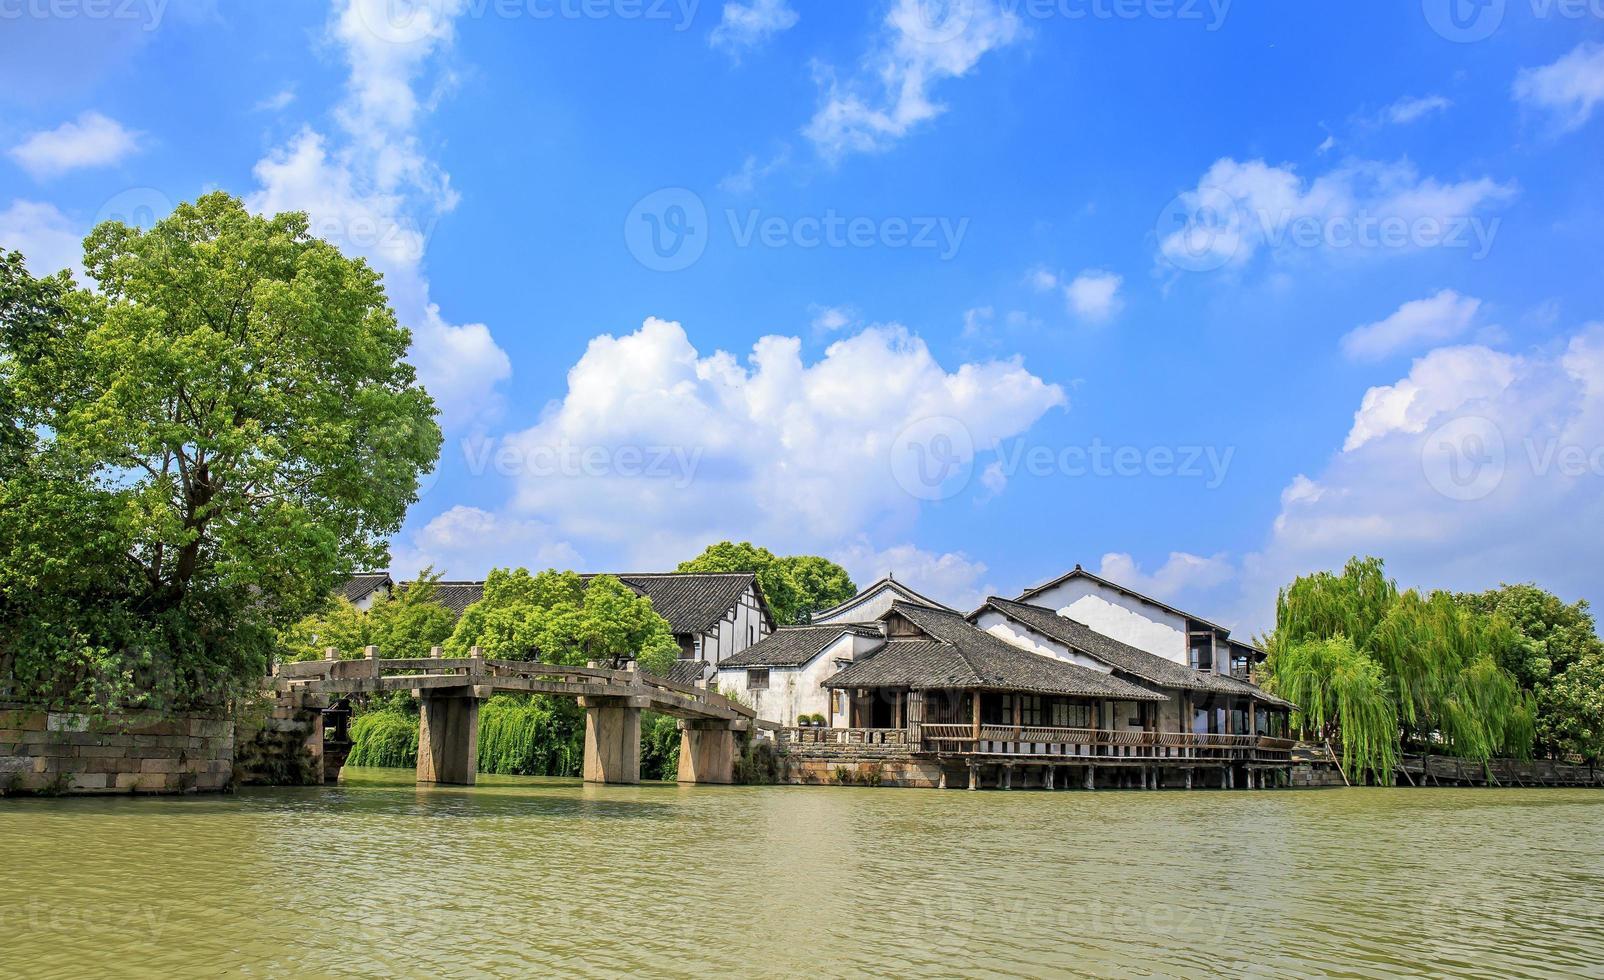 Wuzhen Water Village at Daytime in China photo